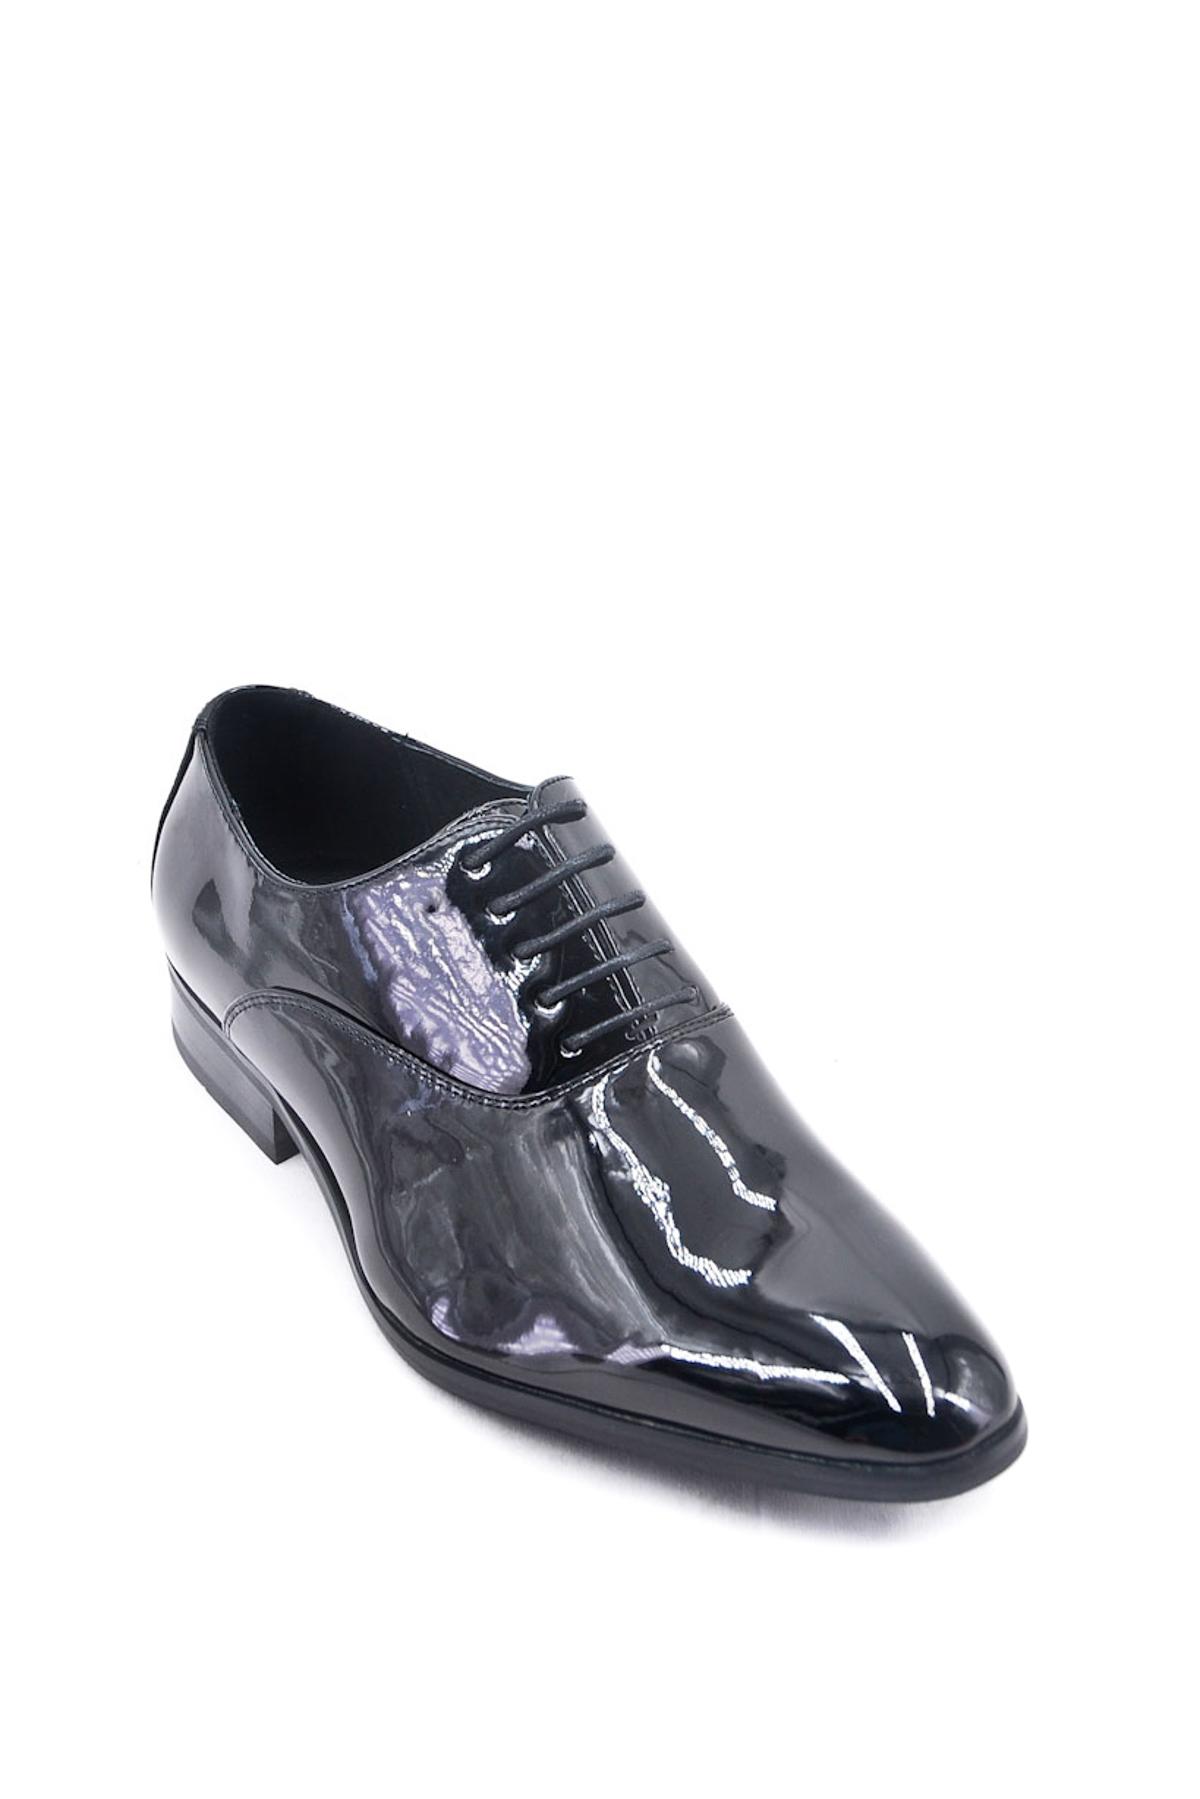 Classiques Chaussures Noir FAGO - GOOR 68095-30 #c eFashion Paris